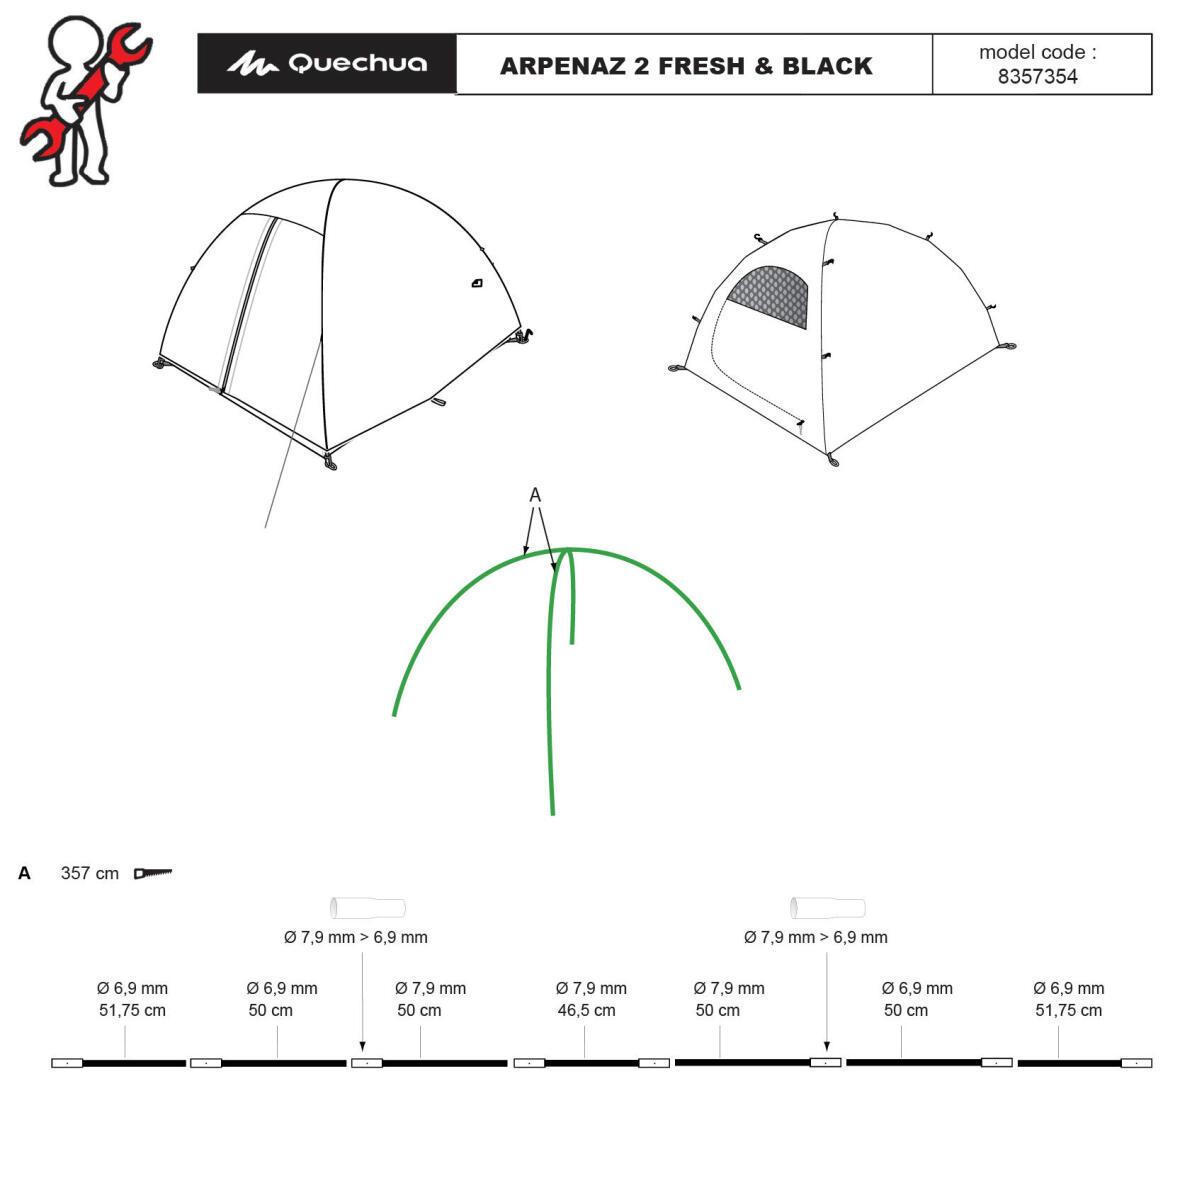 repair-tent-arpenaz-2-person-fresh-and-black-quechua-broken